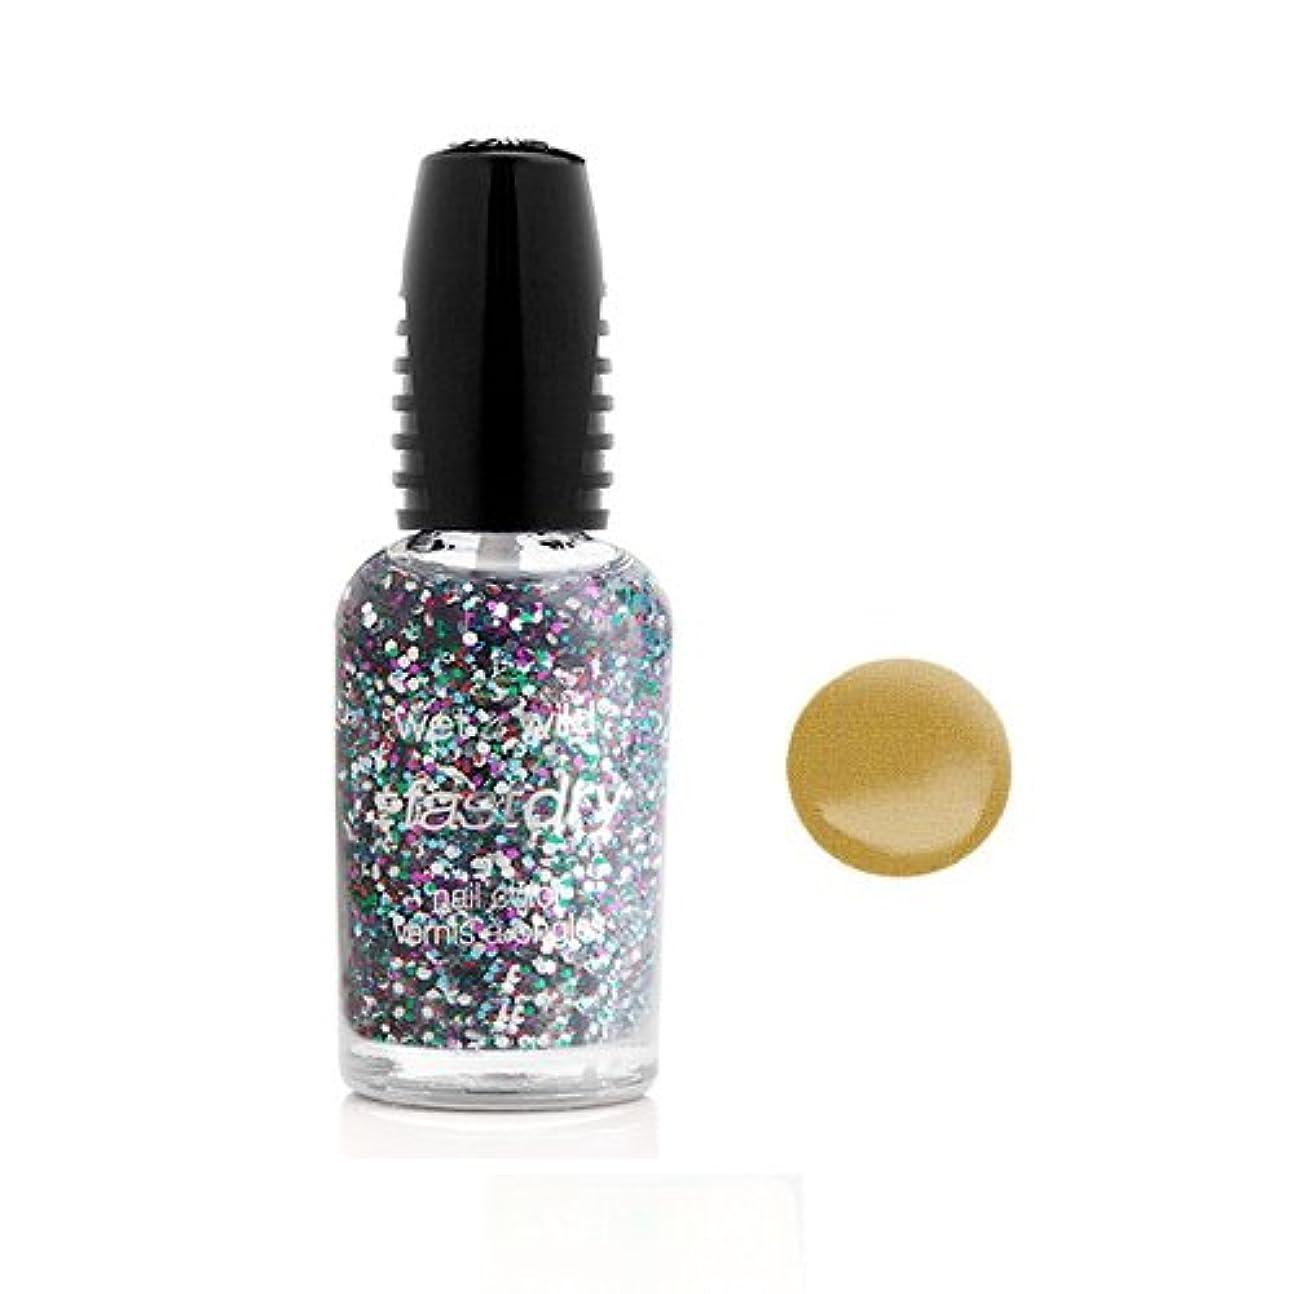 バルク鯨会話(6 Pack) WET N WILD Fastdry Nail Color - The Gold & the Beautiful (DC) (並行輸入品)